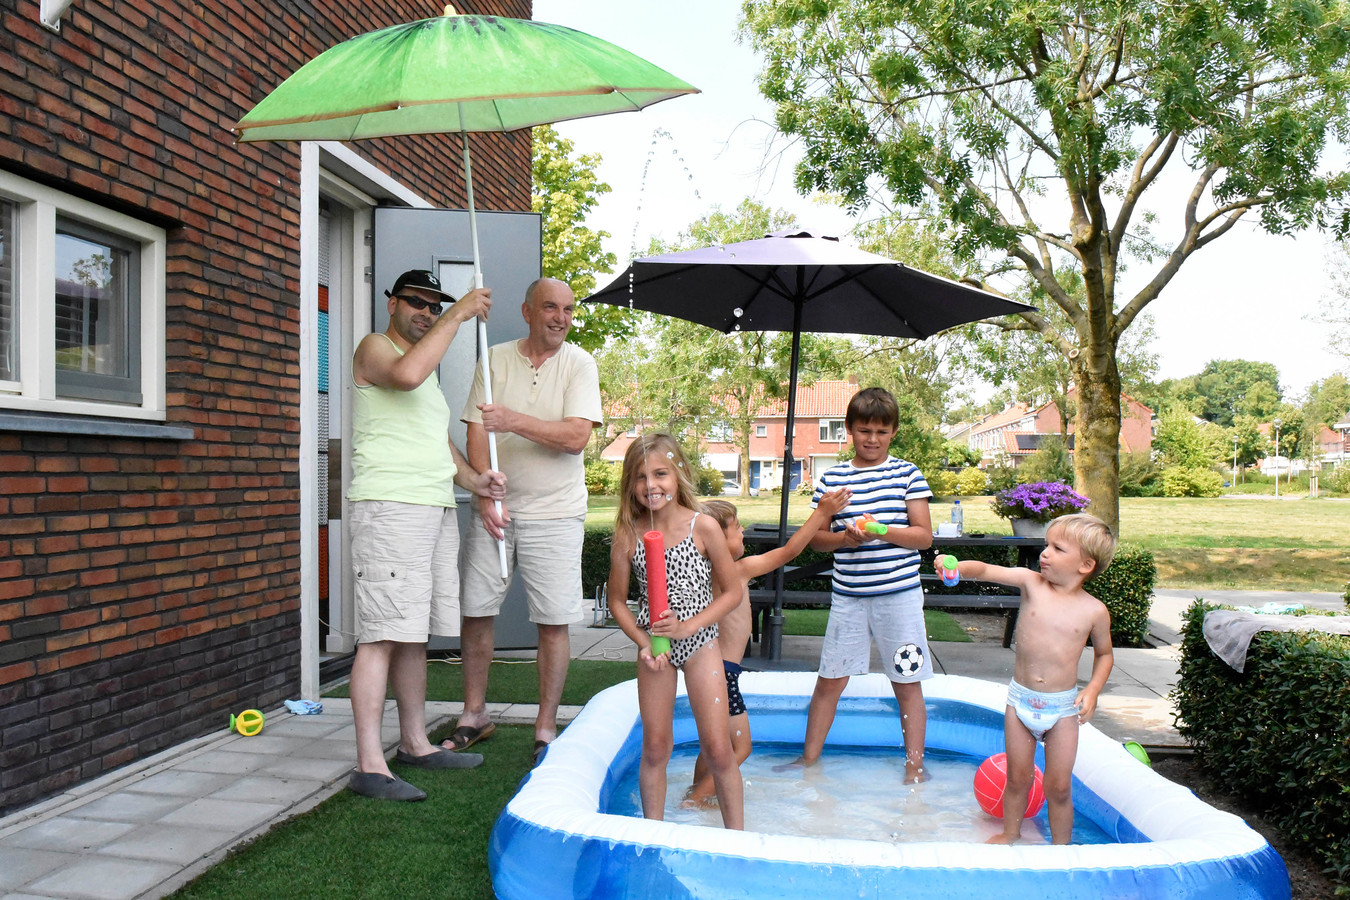 De Meidoornstraat is samen met de Esdoornlaan, Goudenregenstraat en Appelstraat het warmste plek van Woerden. Bewoner Peter van Oudenallen met zijn zoon en kleinkinderen vinden het met parasols en water nog wel uit te houden.